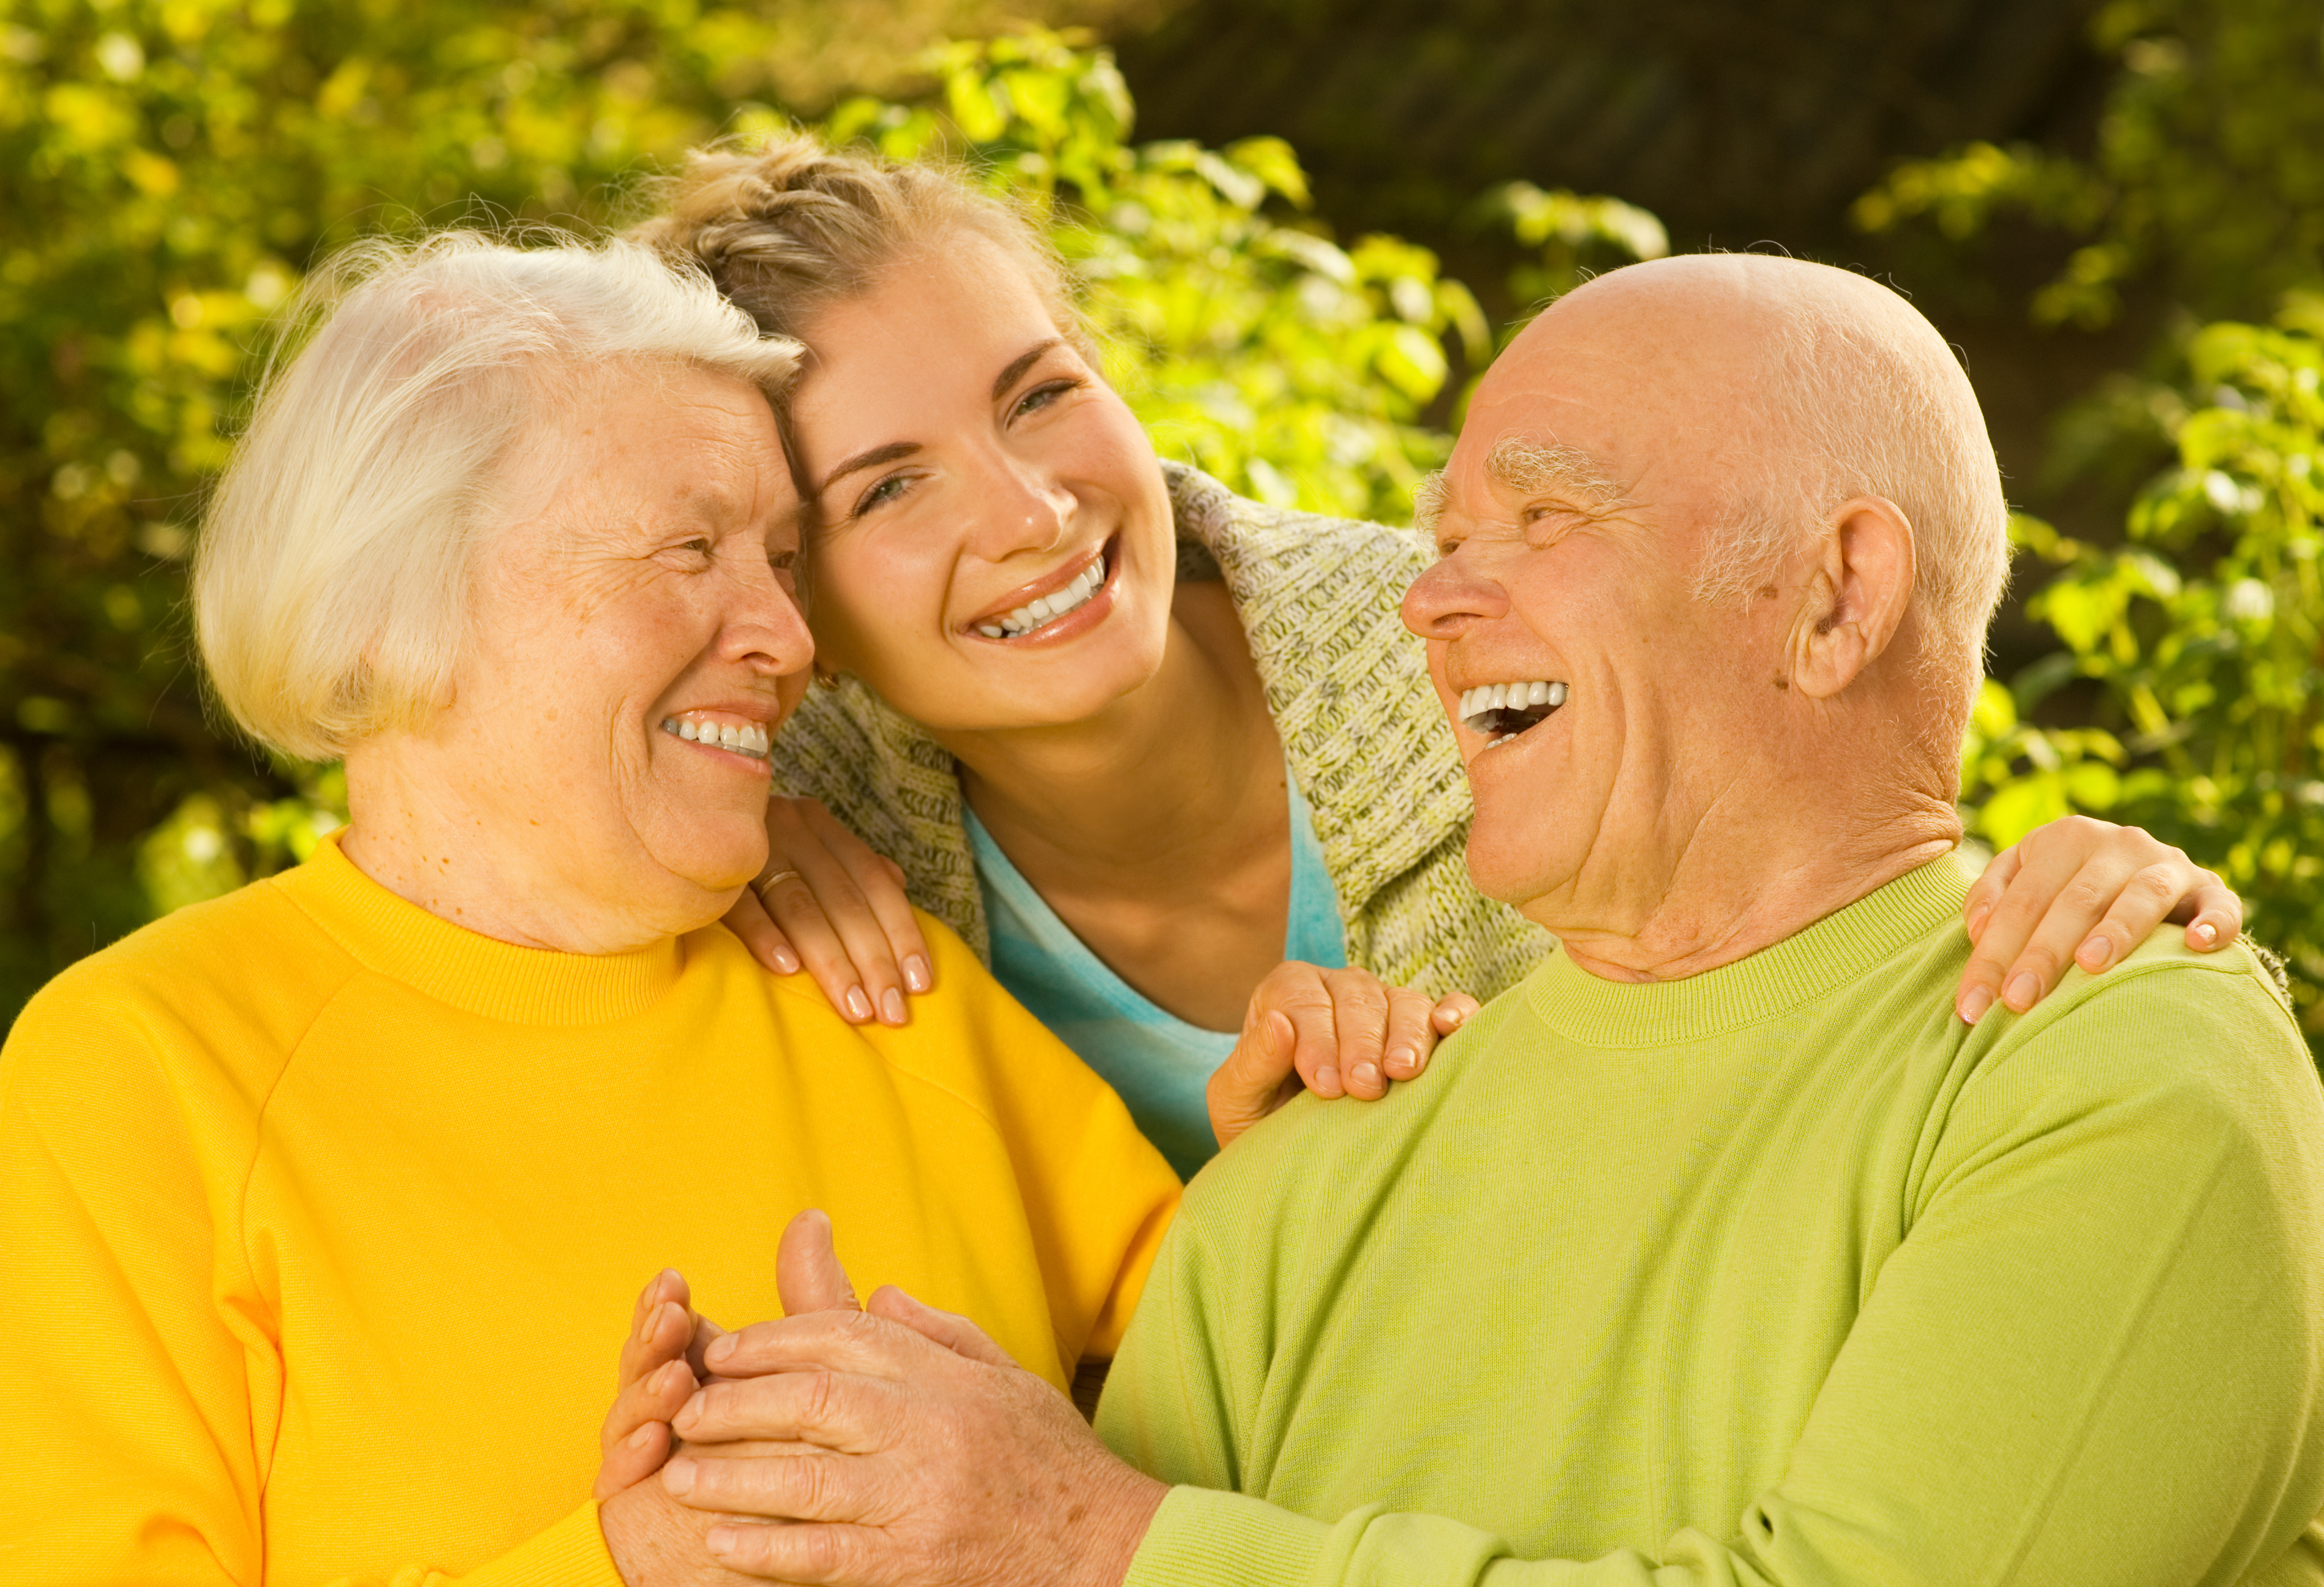 Смотреть дедушка с бабушкой 22 фотография